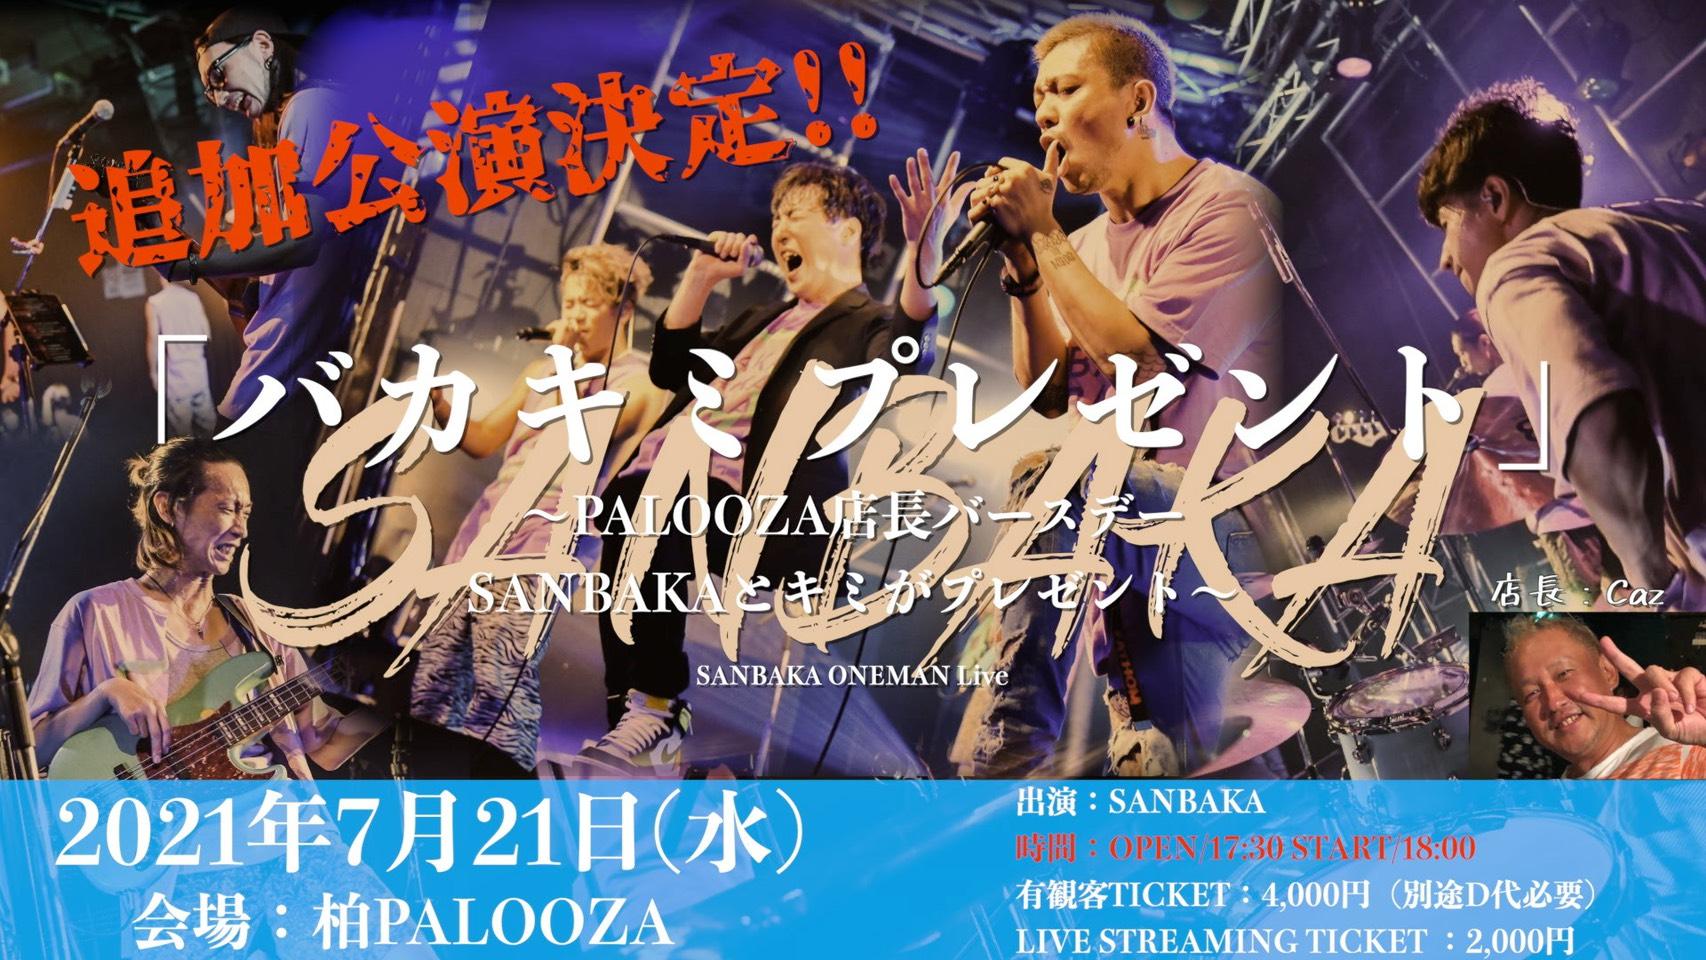 【有観客】SANBAKA ONEMAN Live -アンコール公演- 「バカキミプレゼント」 〜PALOOZA店長バースデー  SANBAKAとキミがプレゼント〜